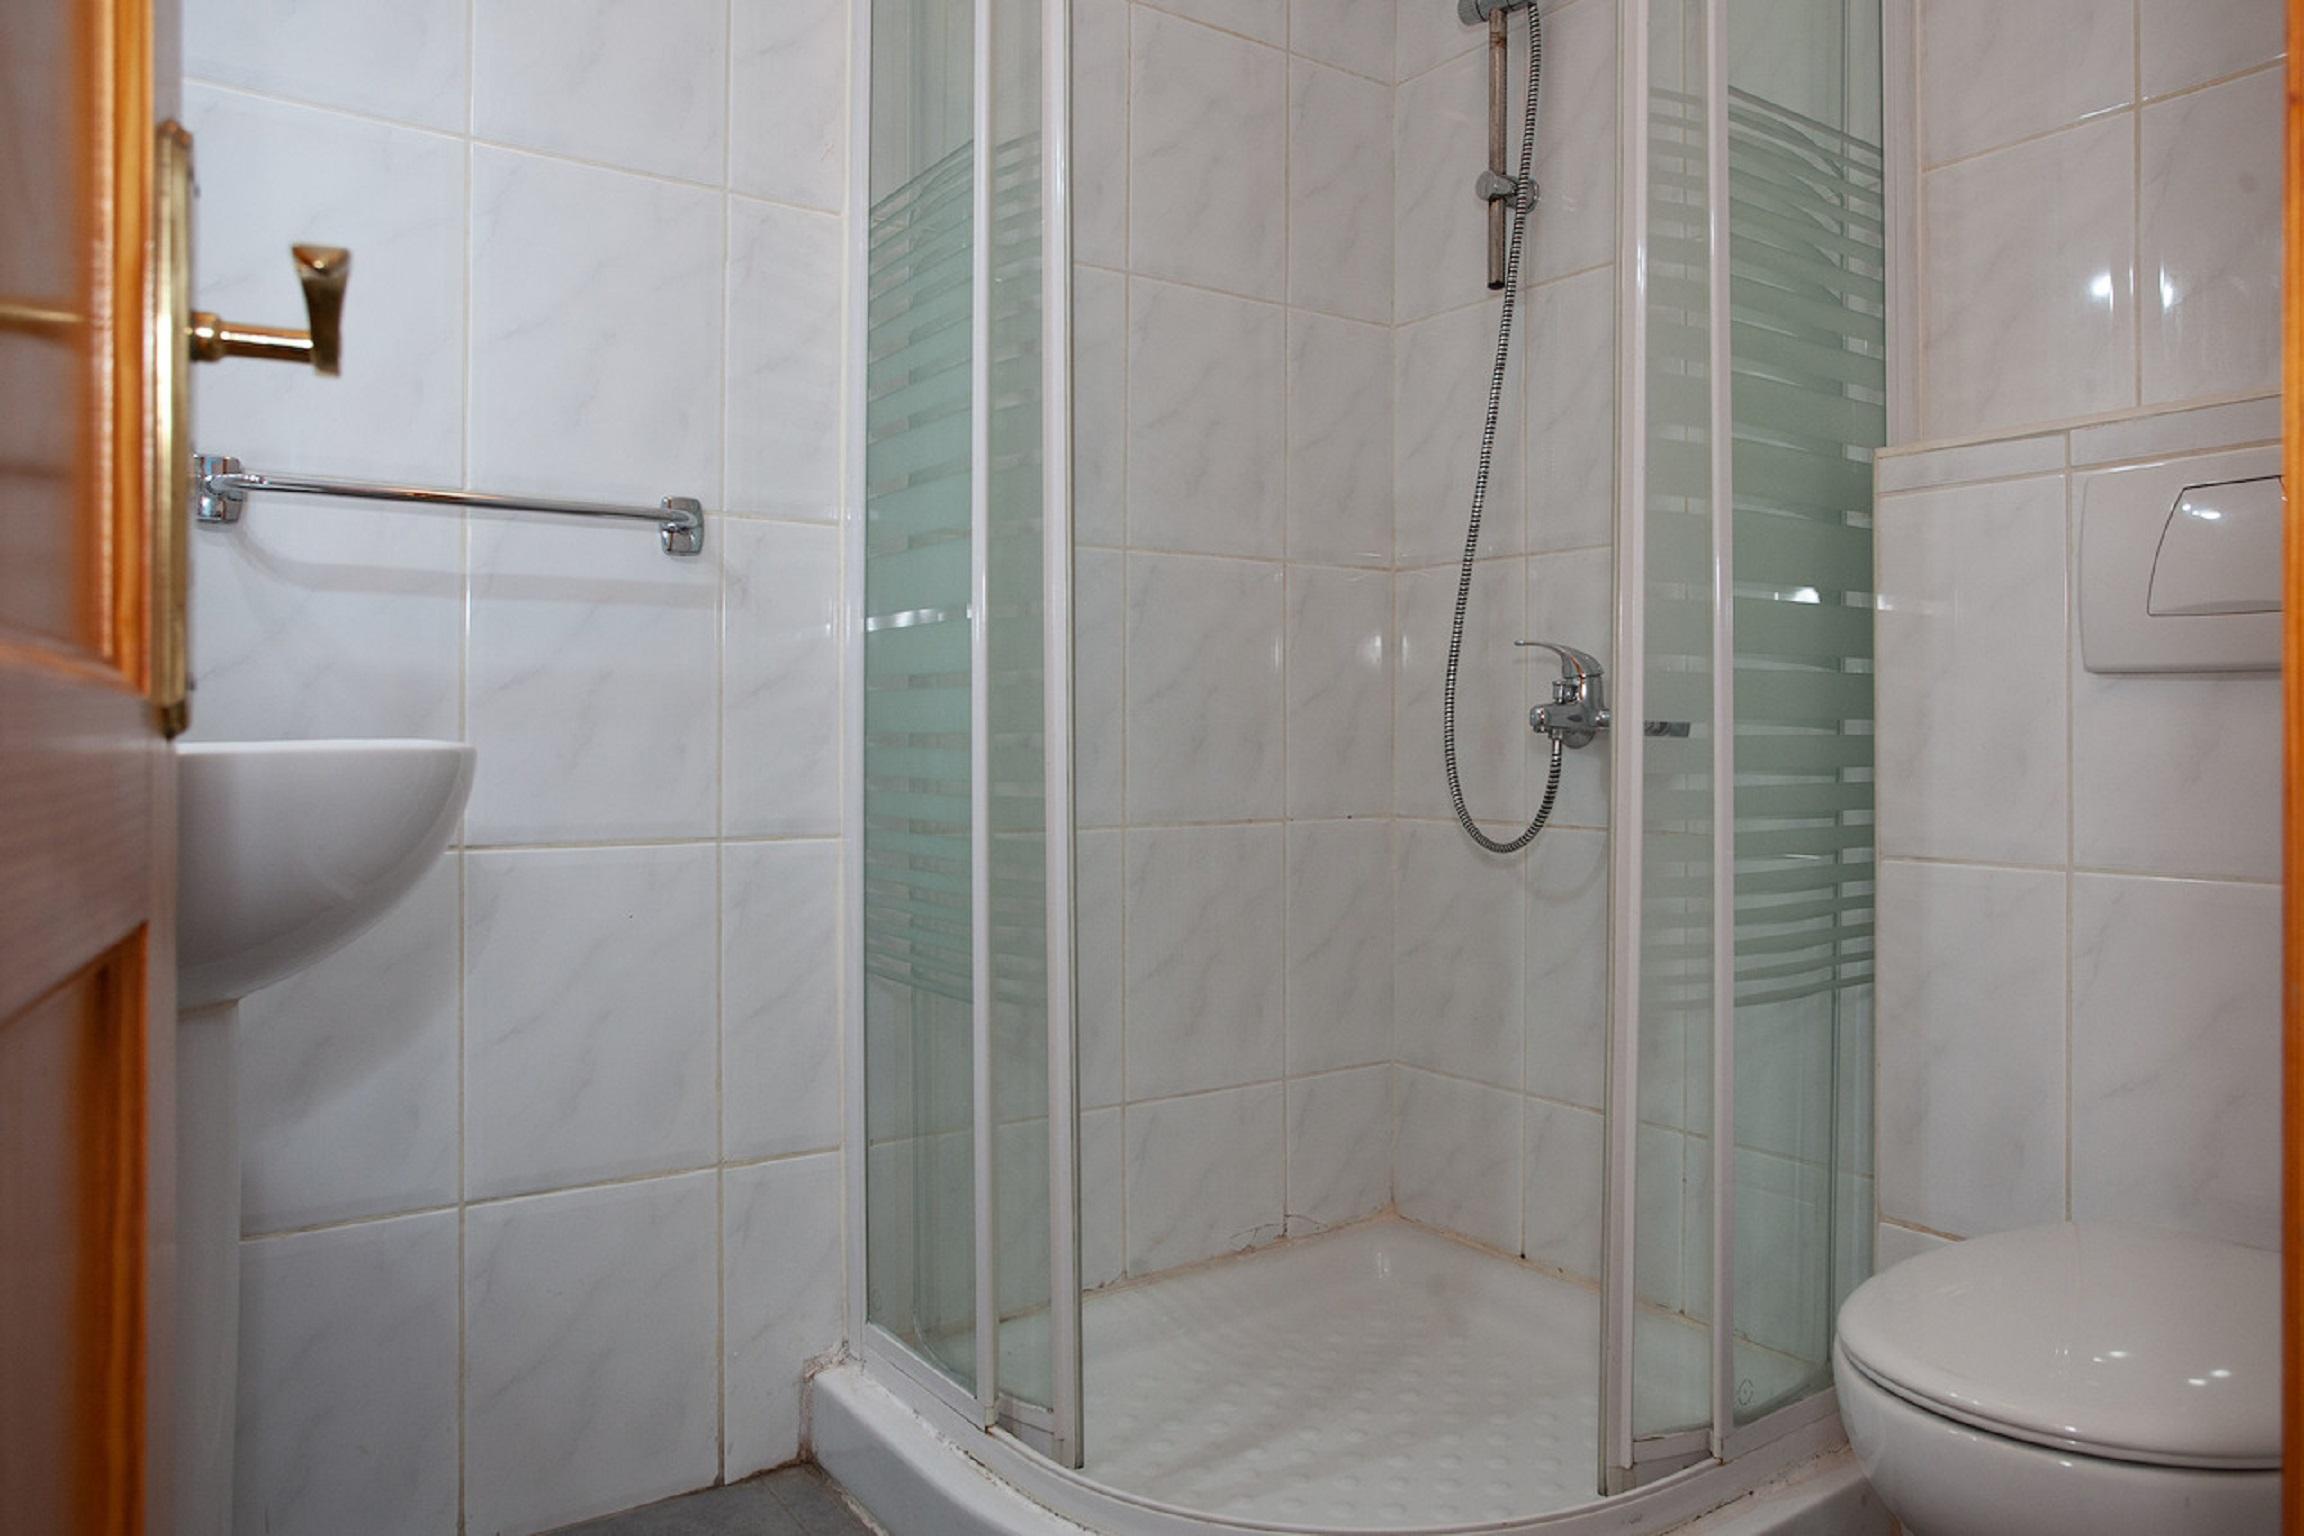 Ferienwohnung Apartment in Strandnhe mit groer Terrasse, Wlan und Parkplatz (2628896), Costa Calma, Fuerteventura, Kanarische Inseln, Spanien, Bild 16